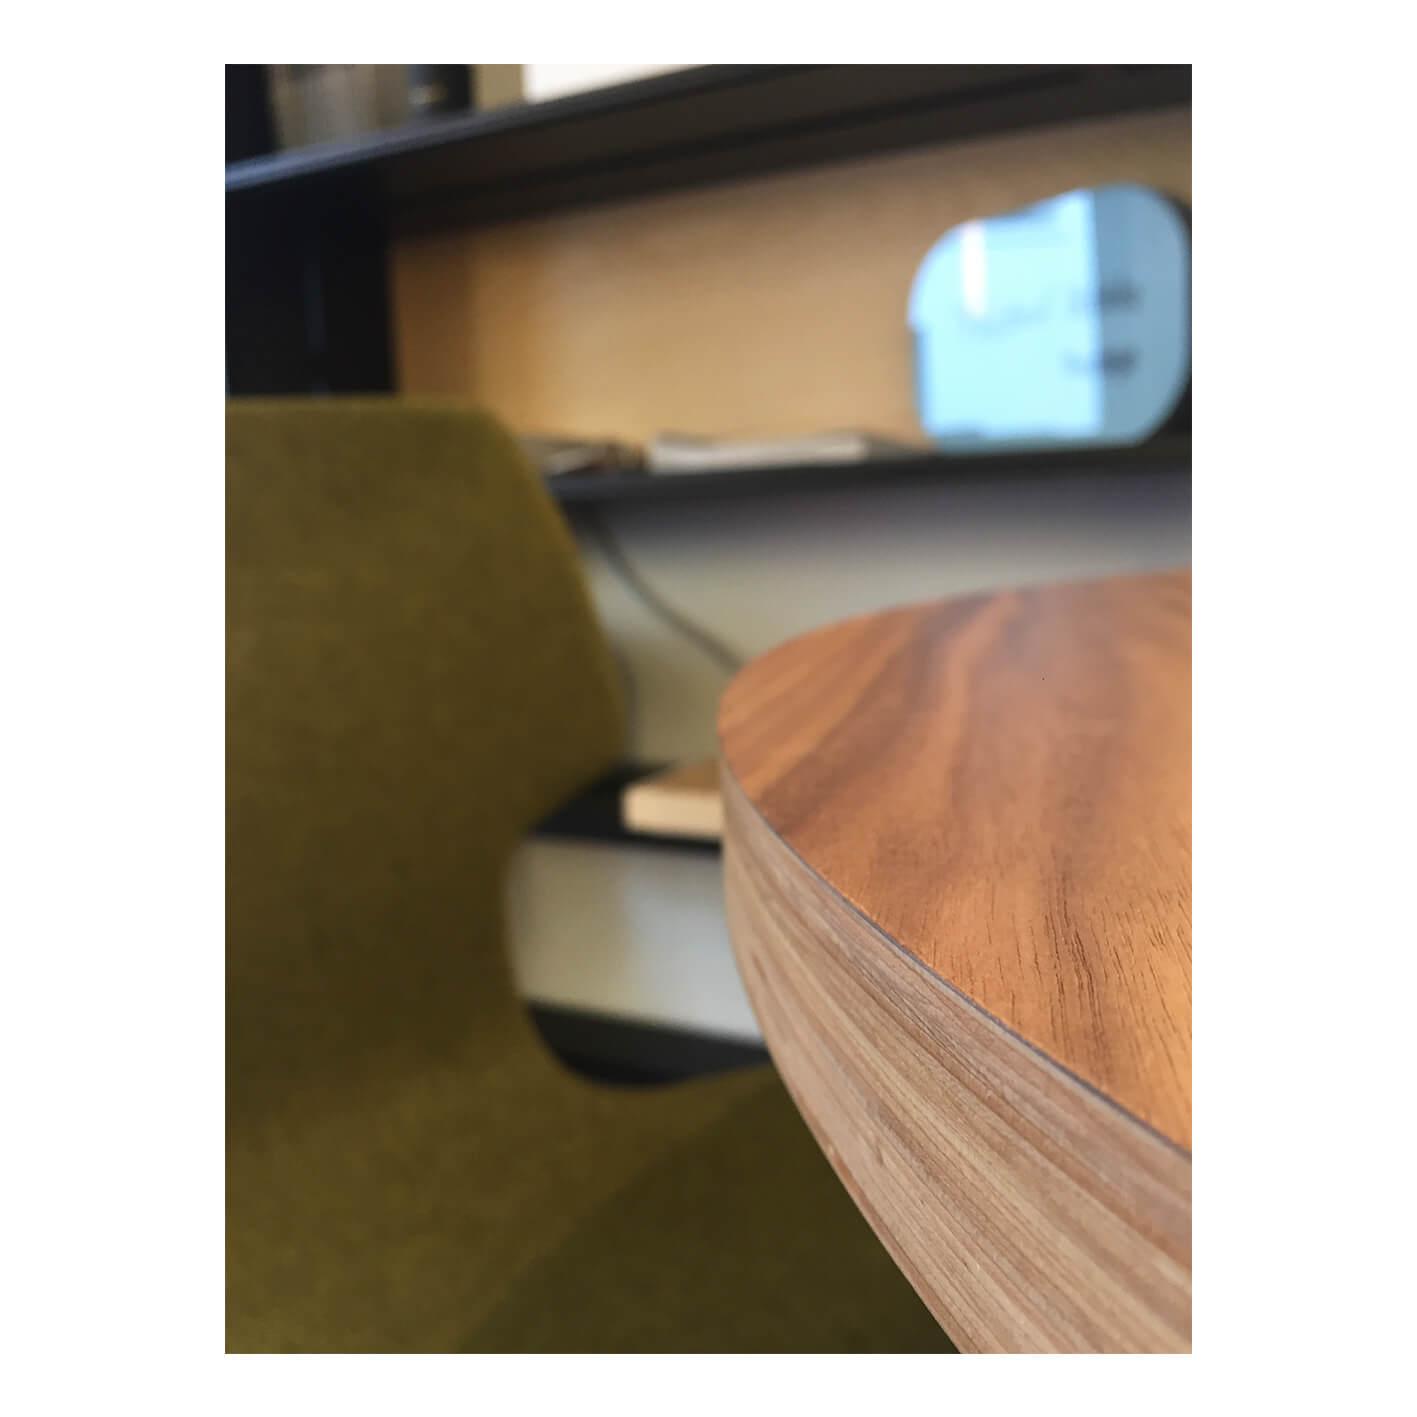 MOBLES114 NVT 04.11.19 7